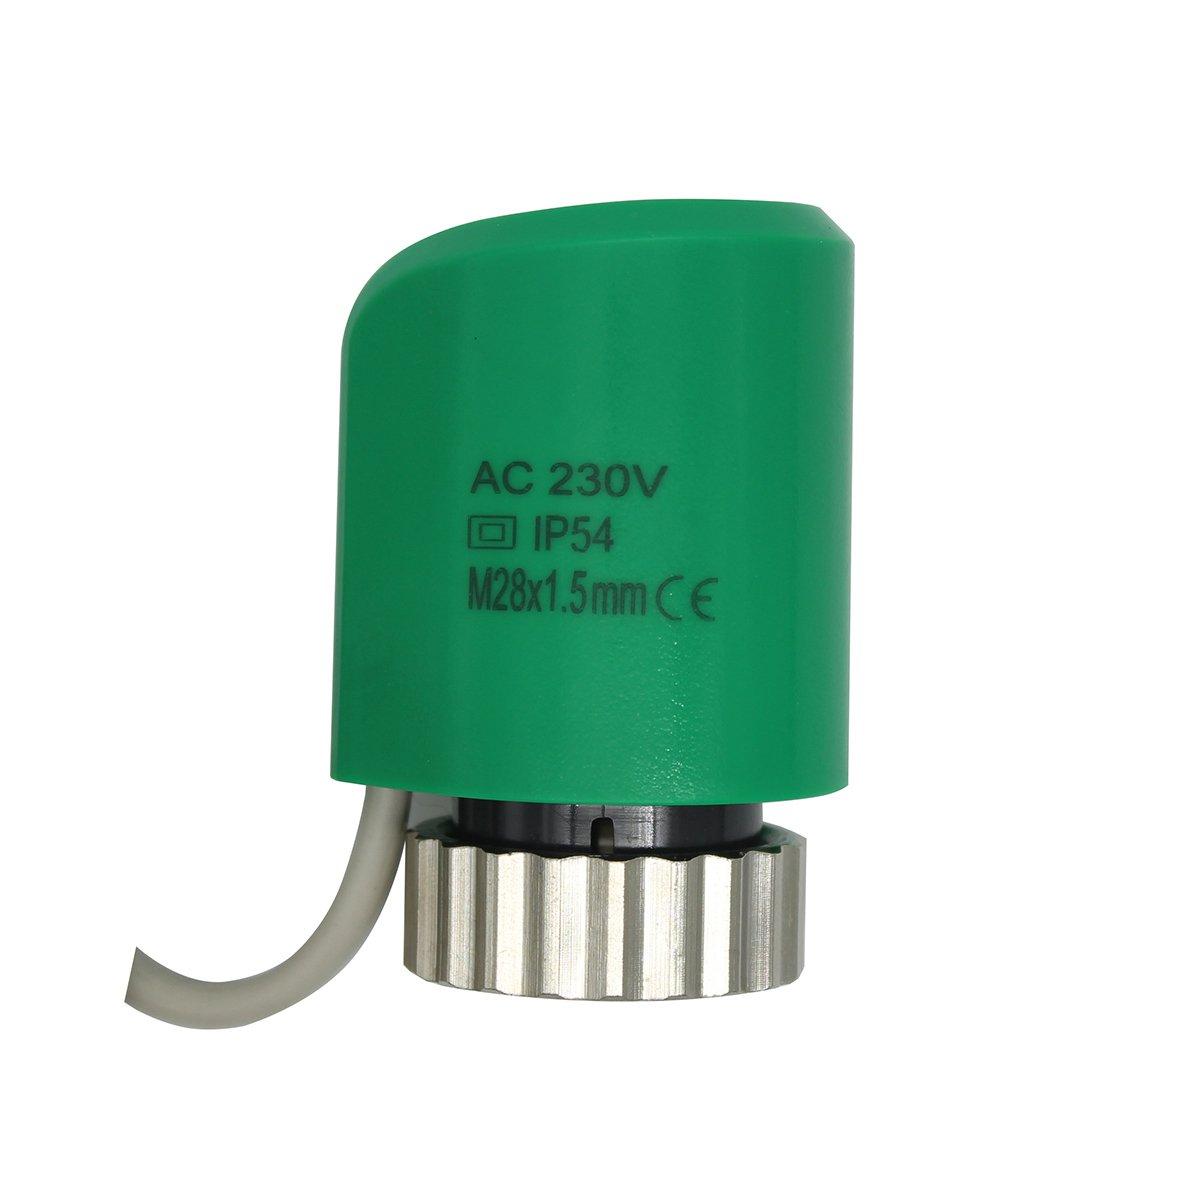 Actuador termico para suelo radiante m28 x1.5mm AC 230V AC//DC 24V normalmente abierto cerrado 220V normalmente cerrado